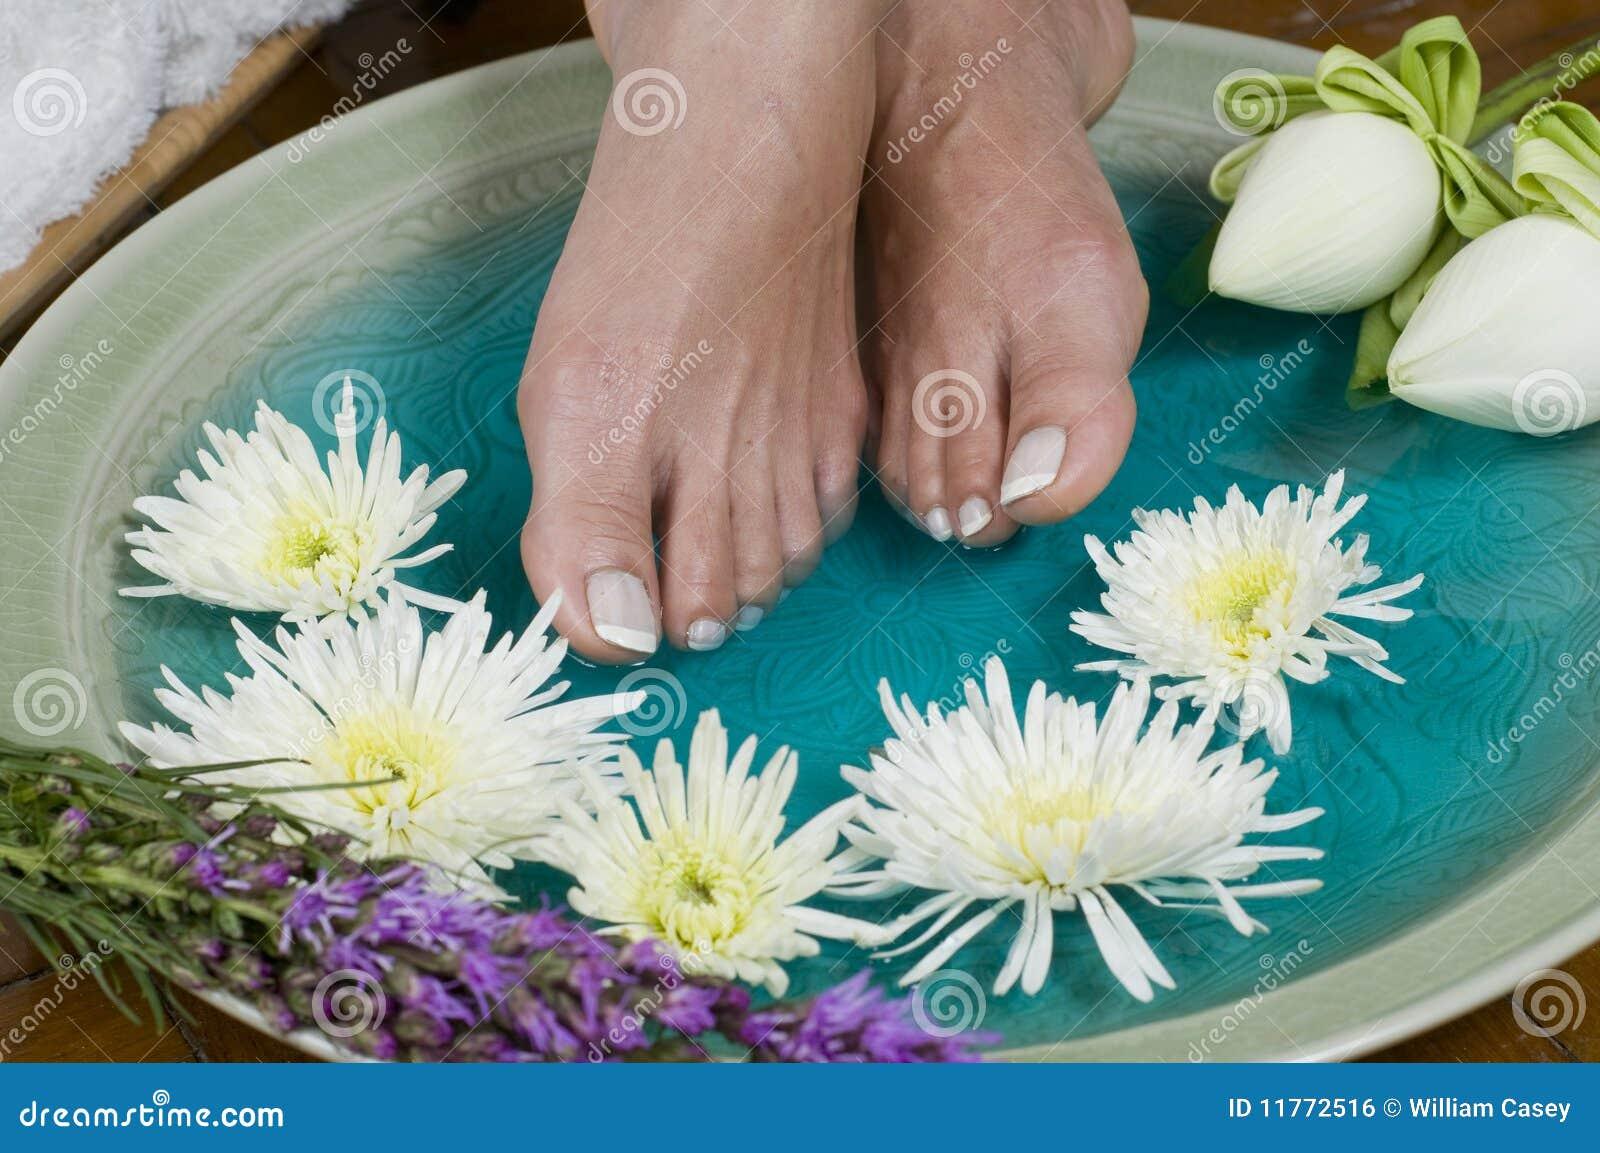 Lotus flower aromatherapy spa for feet stock photo image of download lotus flower aromatherapy spa for feet stock photo image of massage feet mightylinksfo